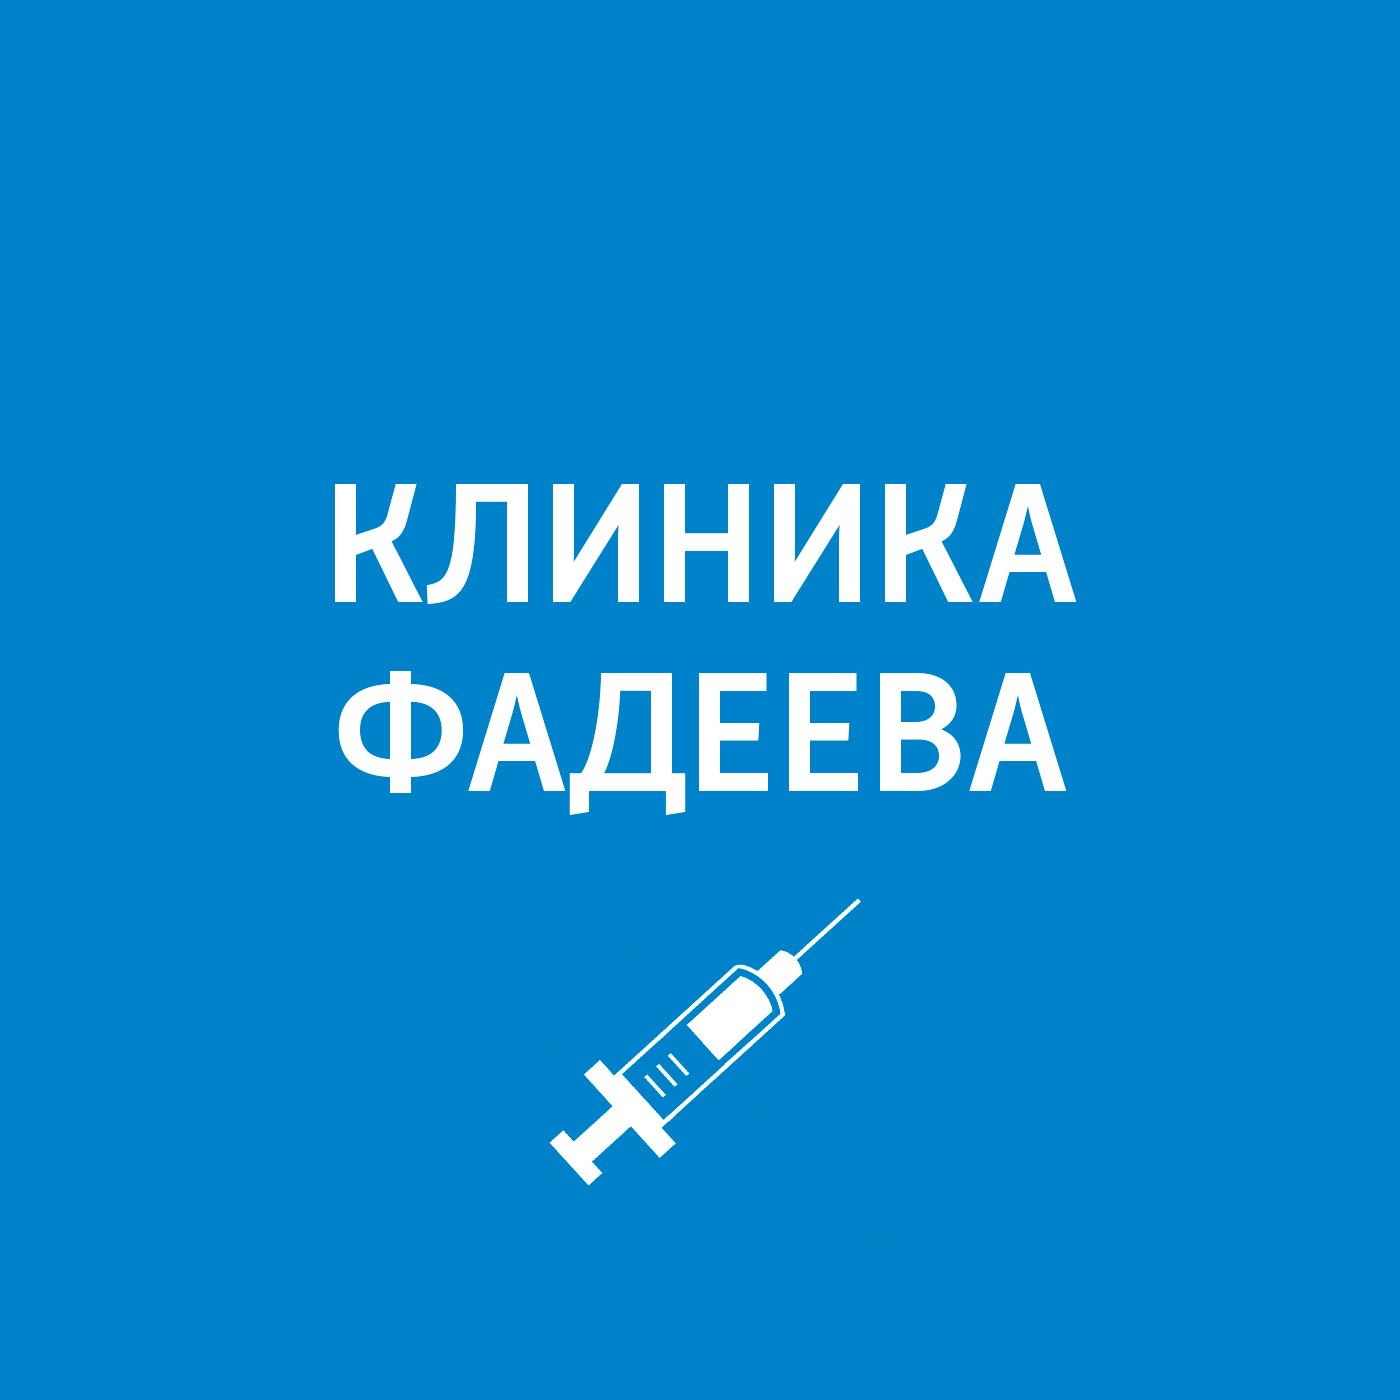 Пётр Фадеев Ухо, горло, нос пётр фадеев кинезиолог остеопат